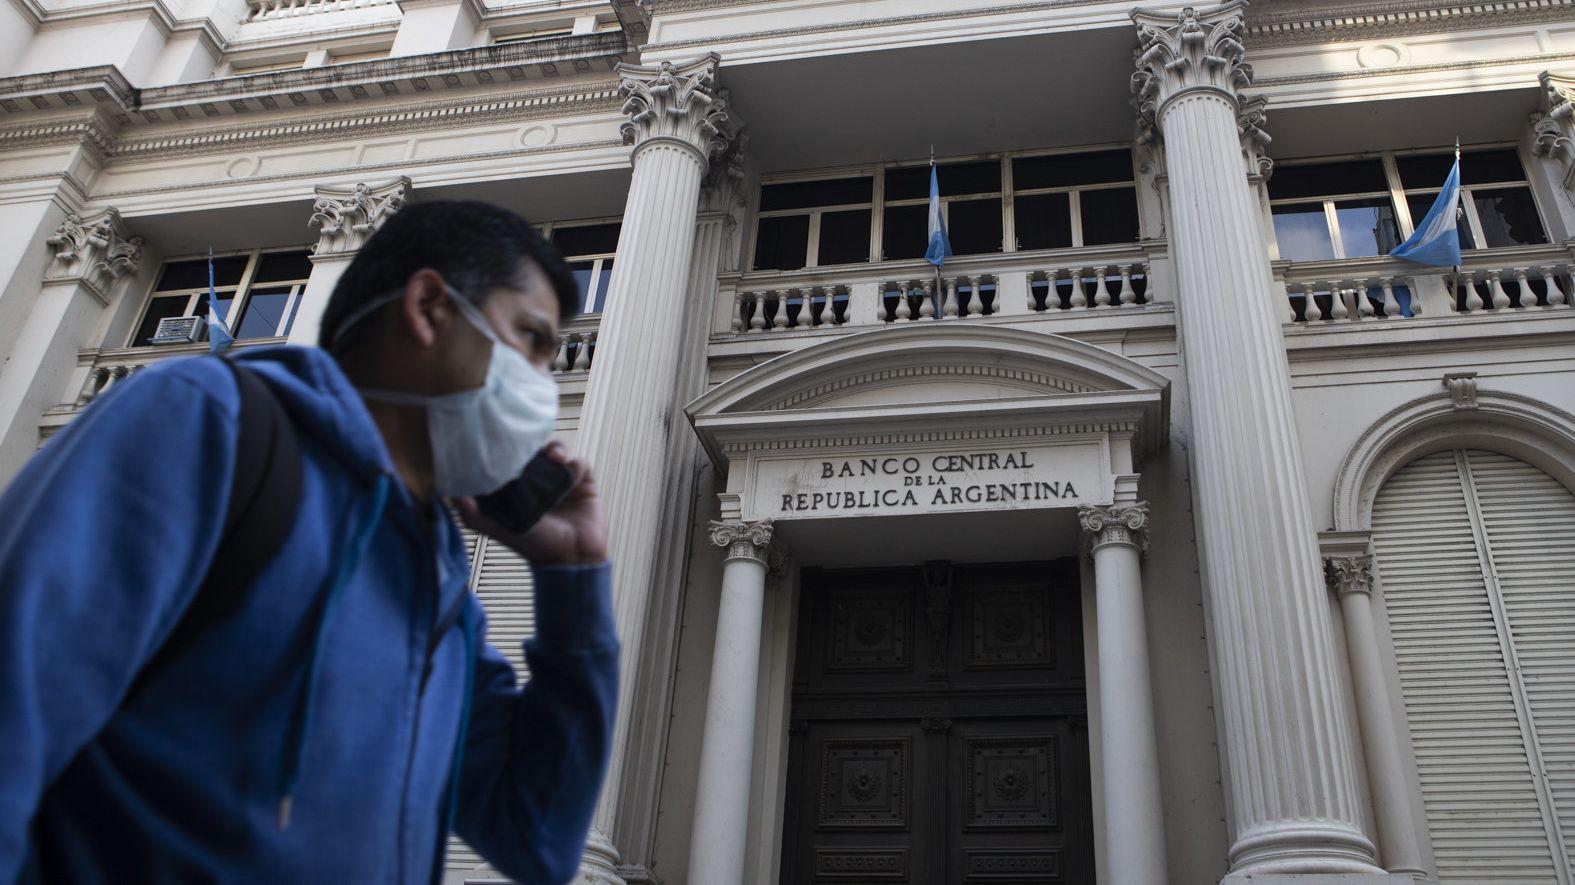 EinMann mit Mundschutzmaske geht an der argentinischen Nationalbank vorbei.